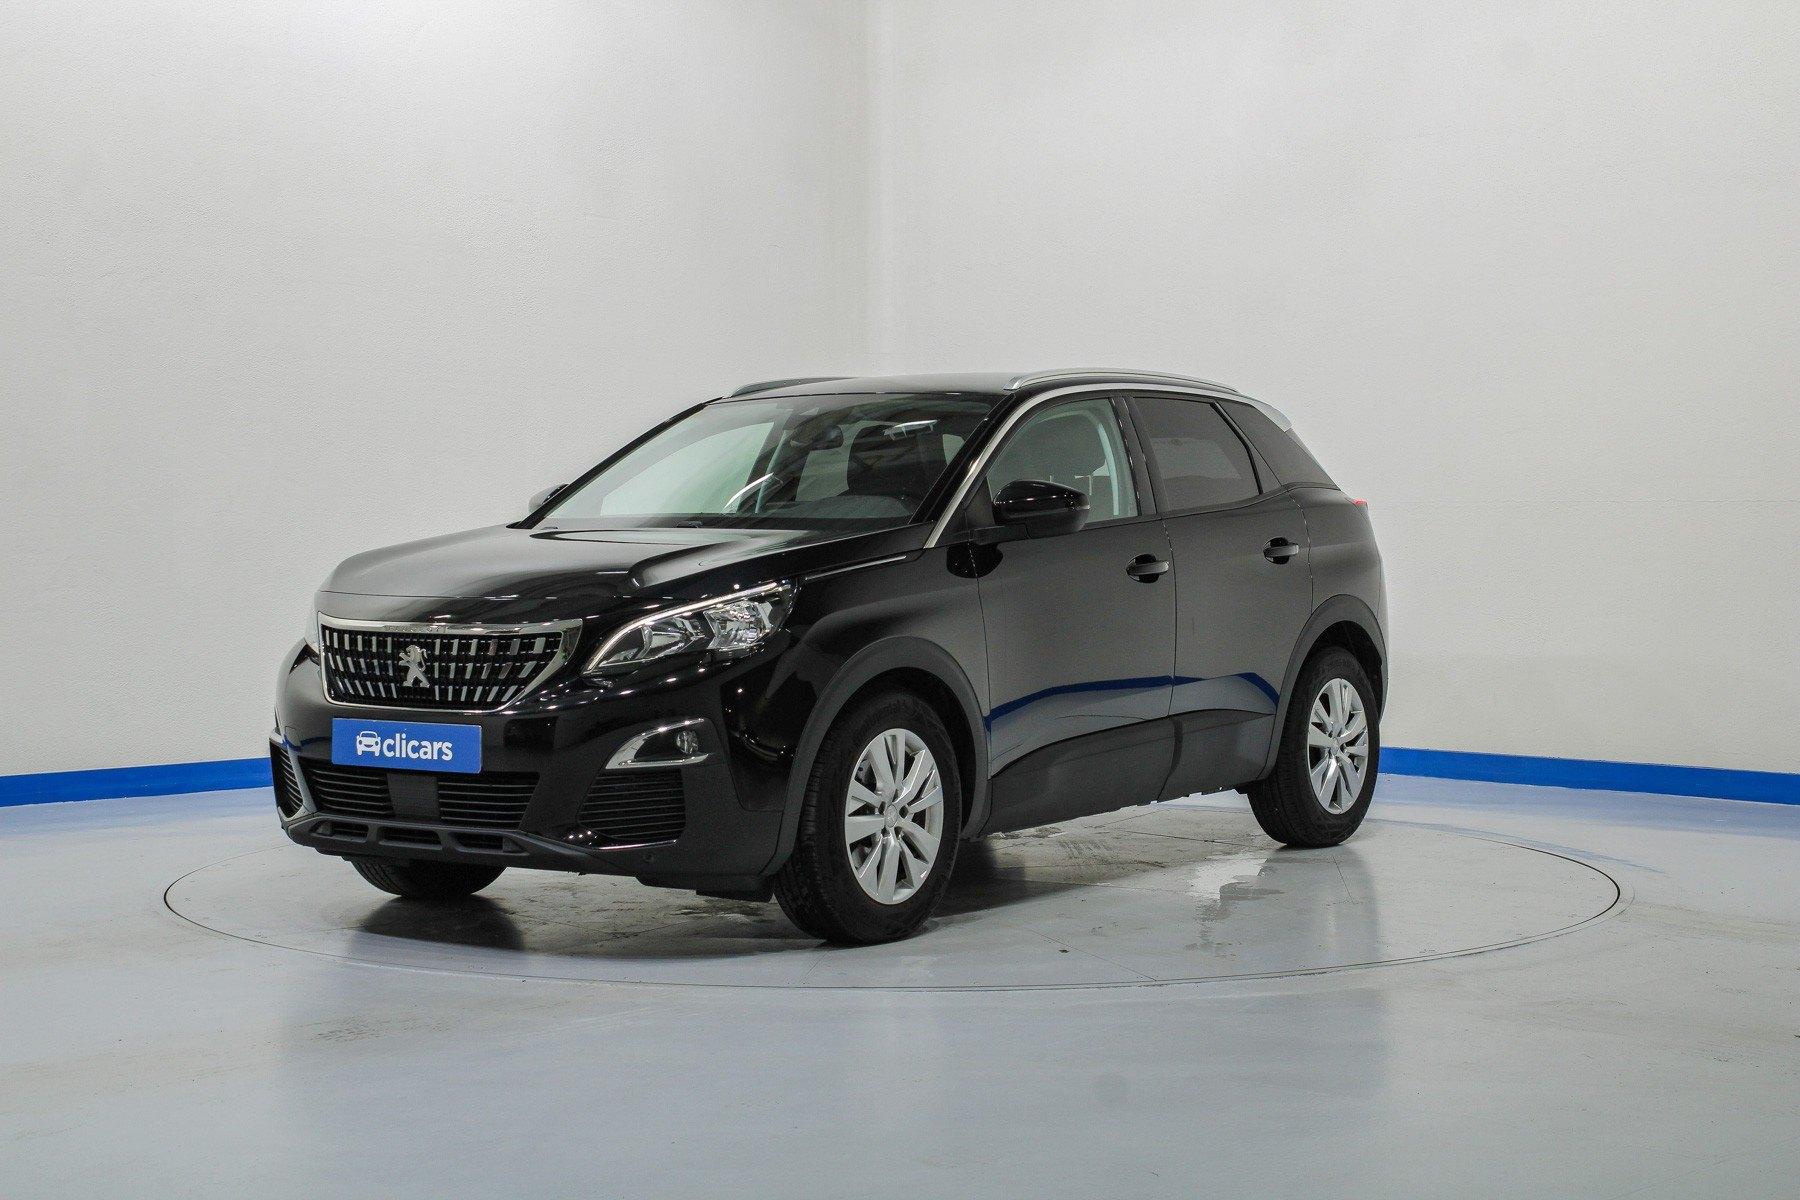 Peugeot 3008 Diésel 1.6BLUEHDI 88KW (120CV) ACTIVE AUTO S&S 1